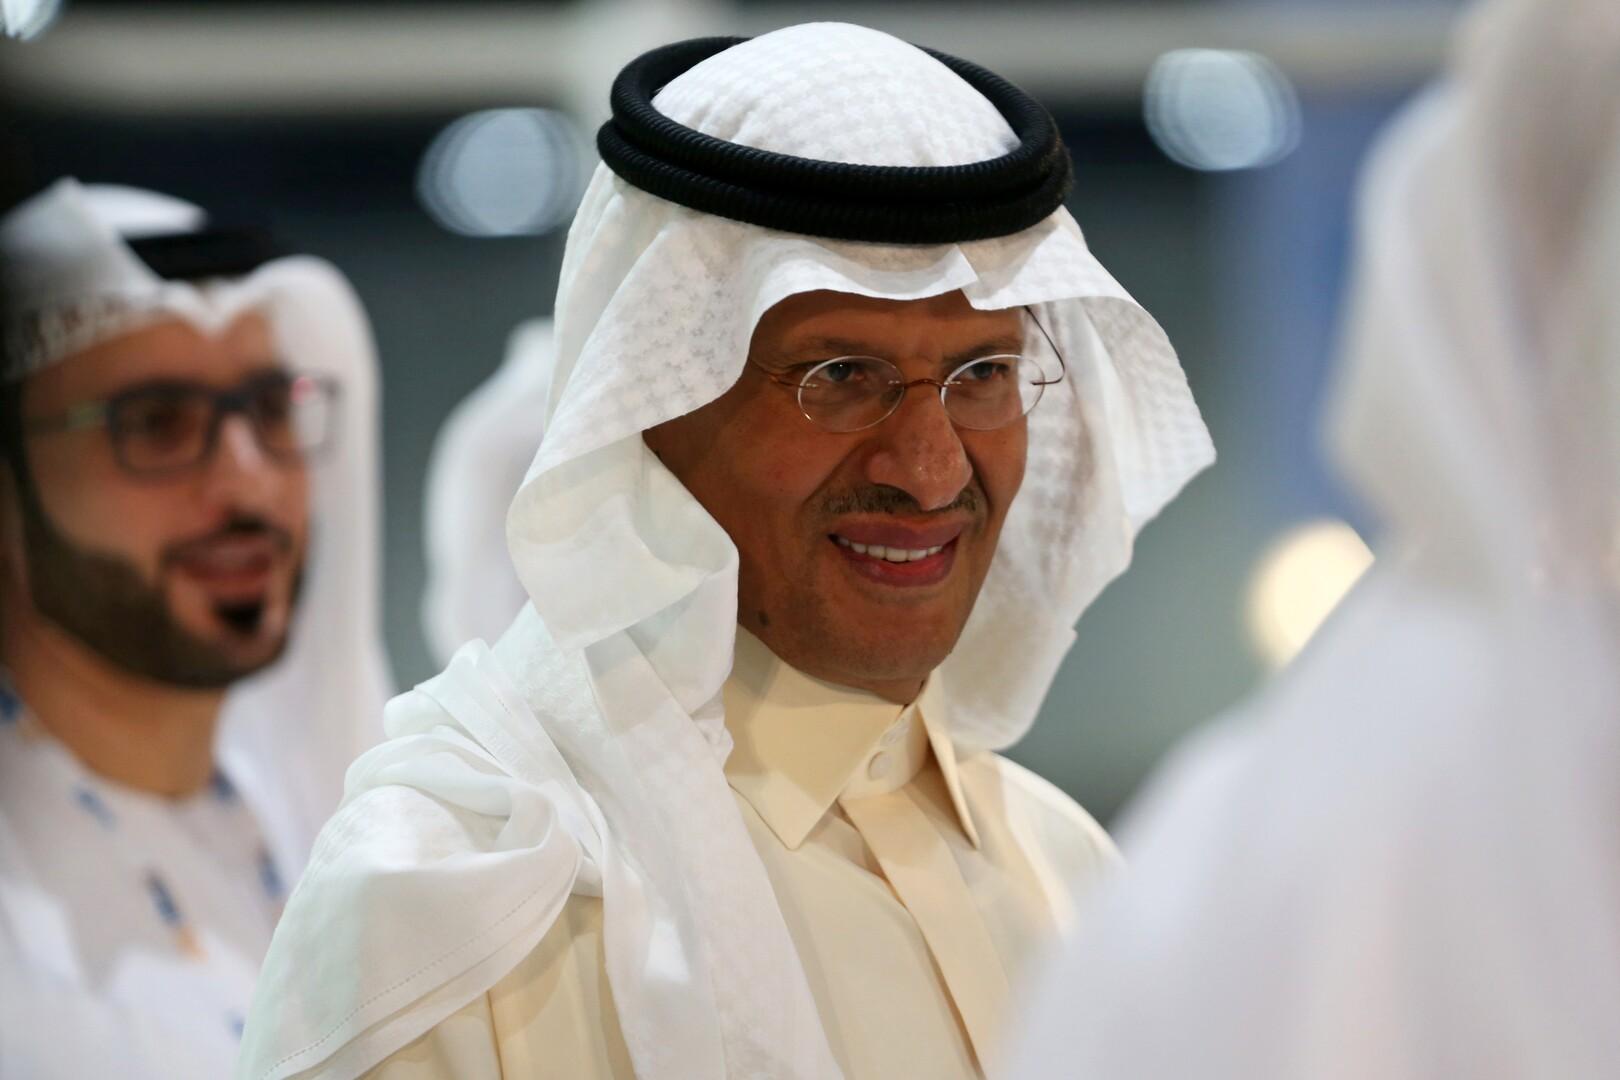 هل بروز الأمير عبد العزيز بن سلمان سيسهم في حلحلة الخلاف النفطي مع الكويت؟